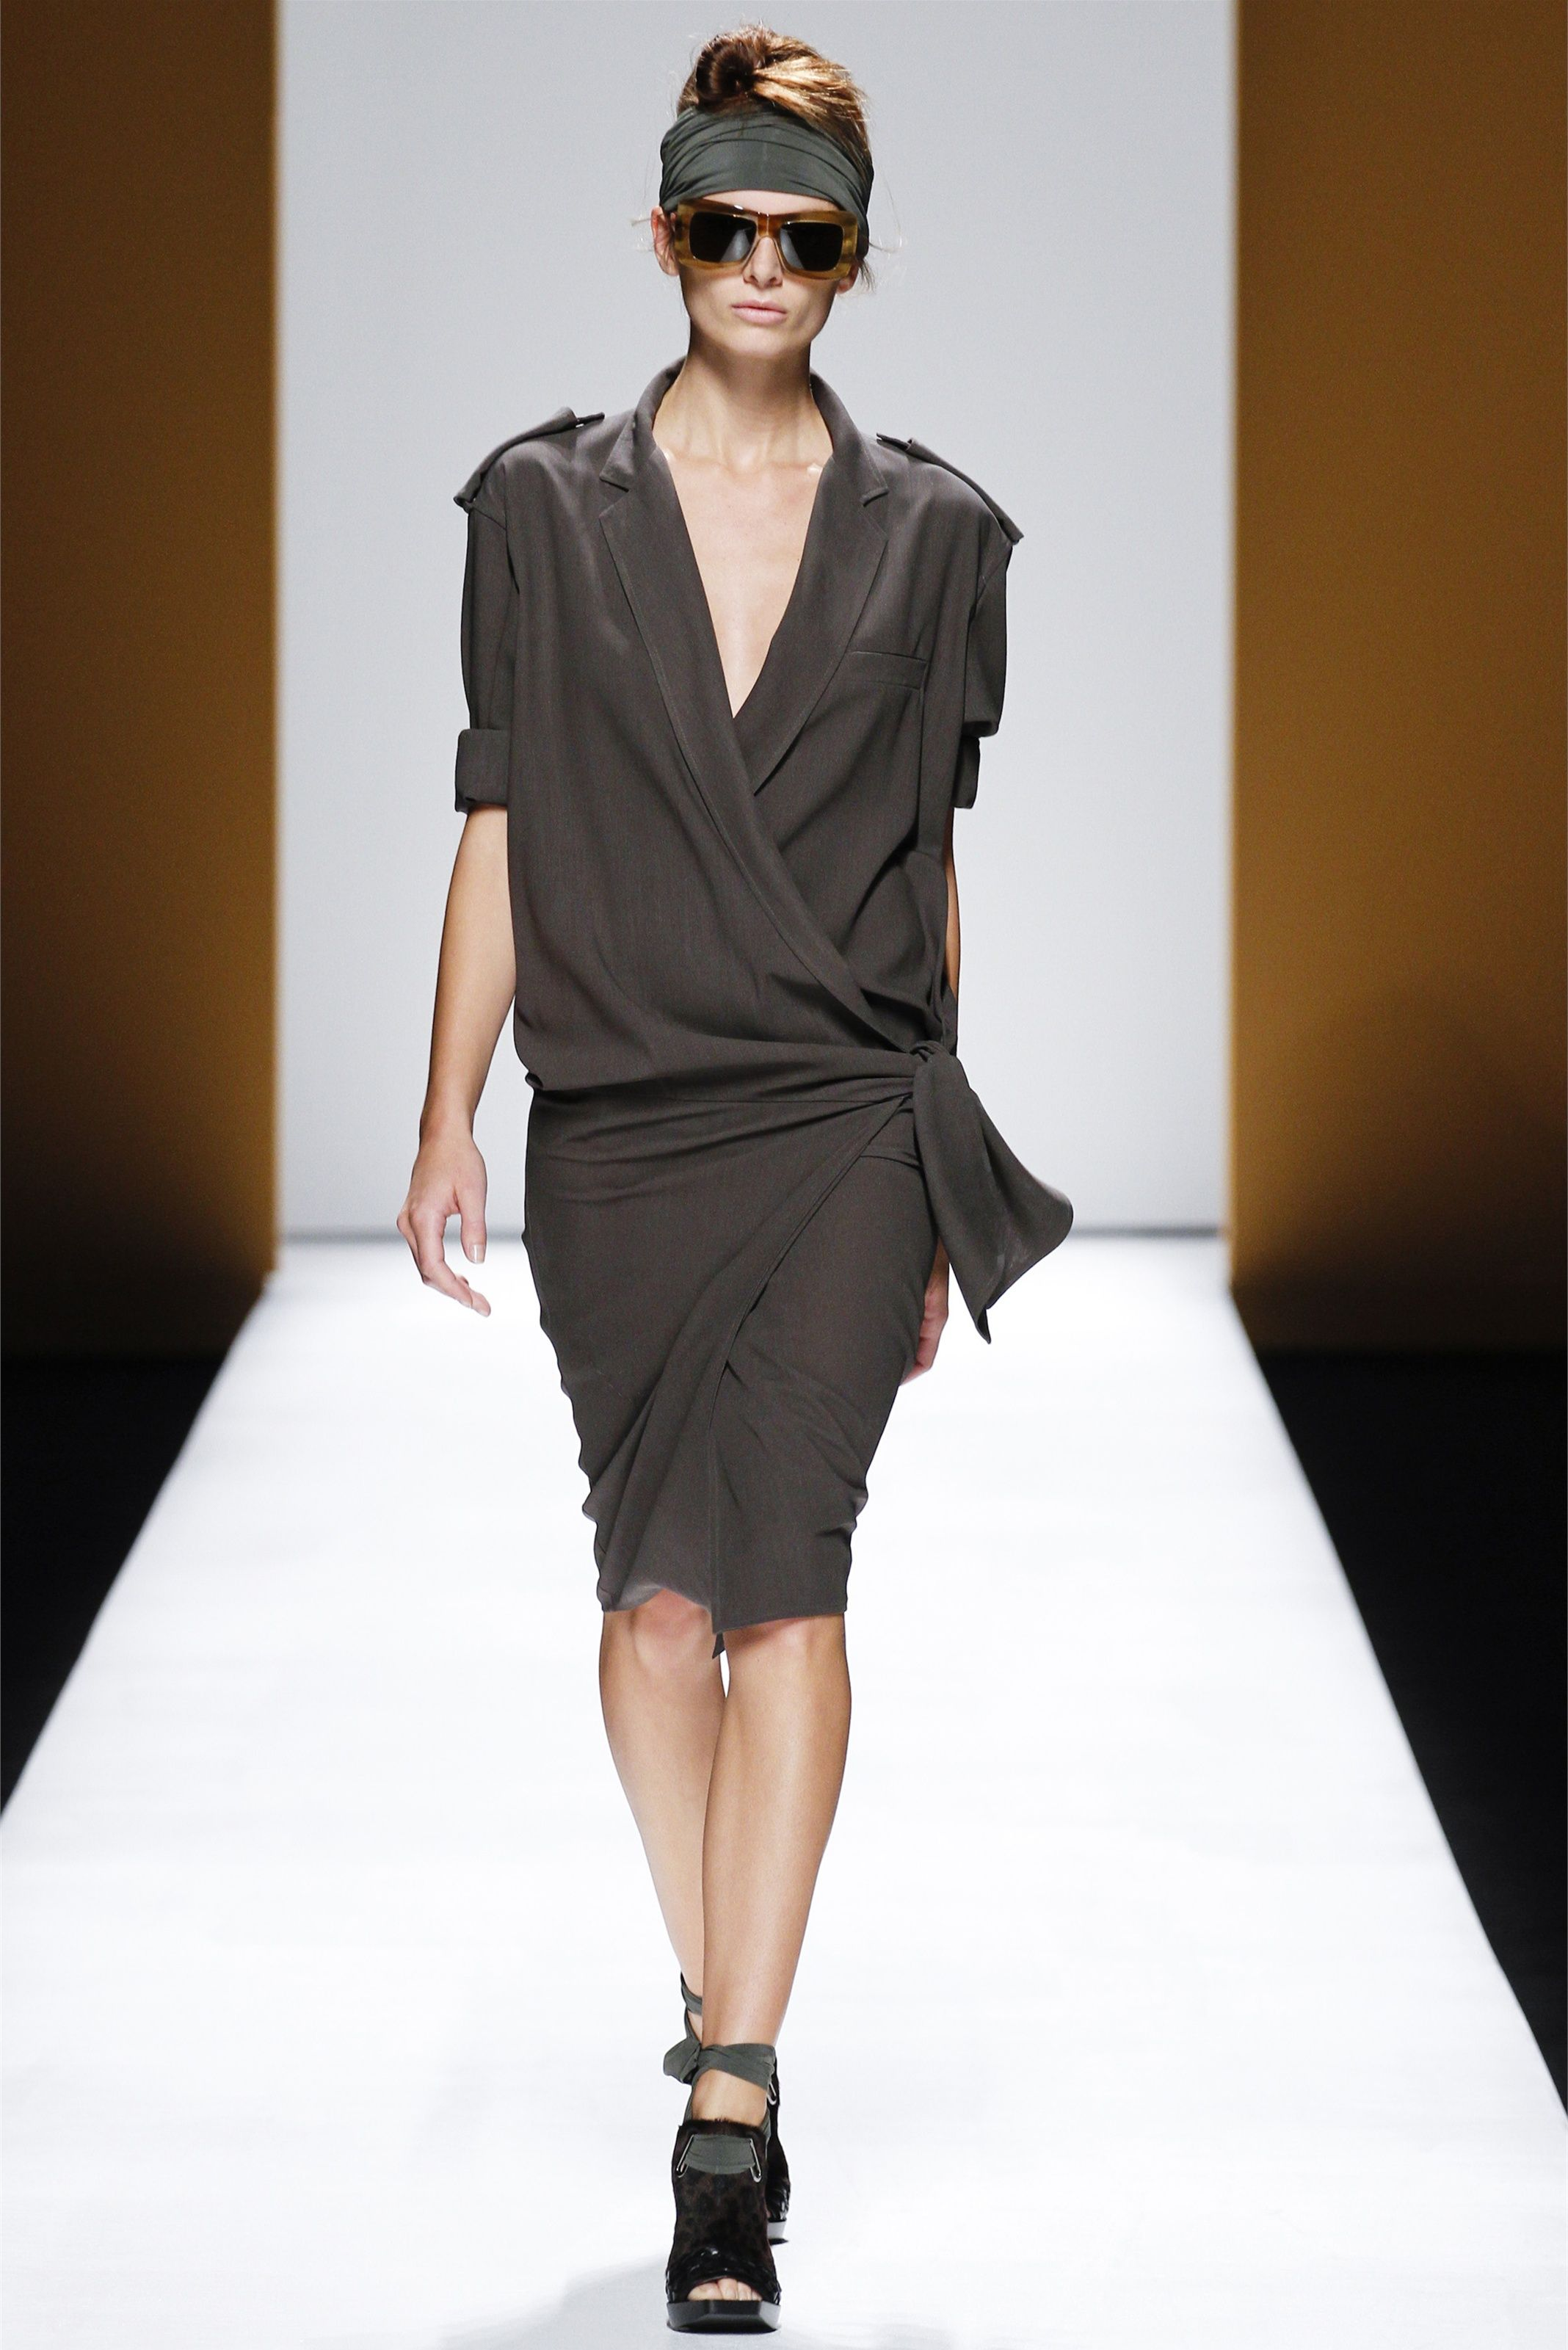 Sfilata Max Mara Milano - Collezioni Primavera Estate 2013 - Vogue ... 759d94cbd94